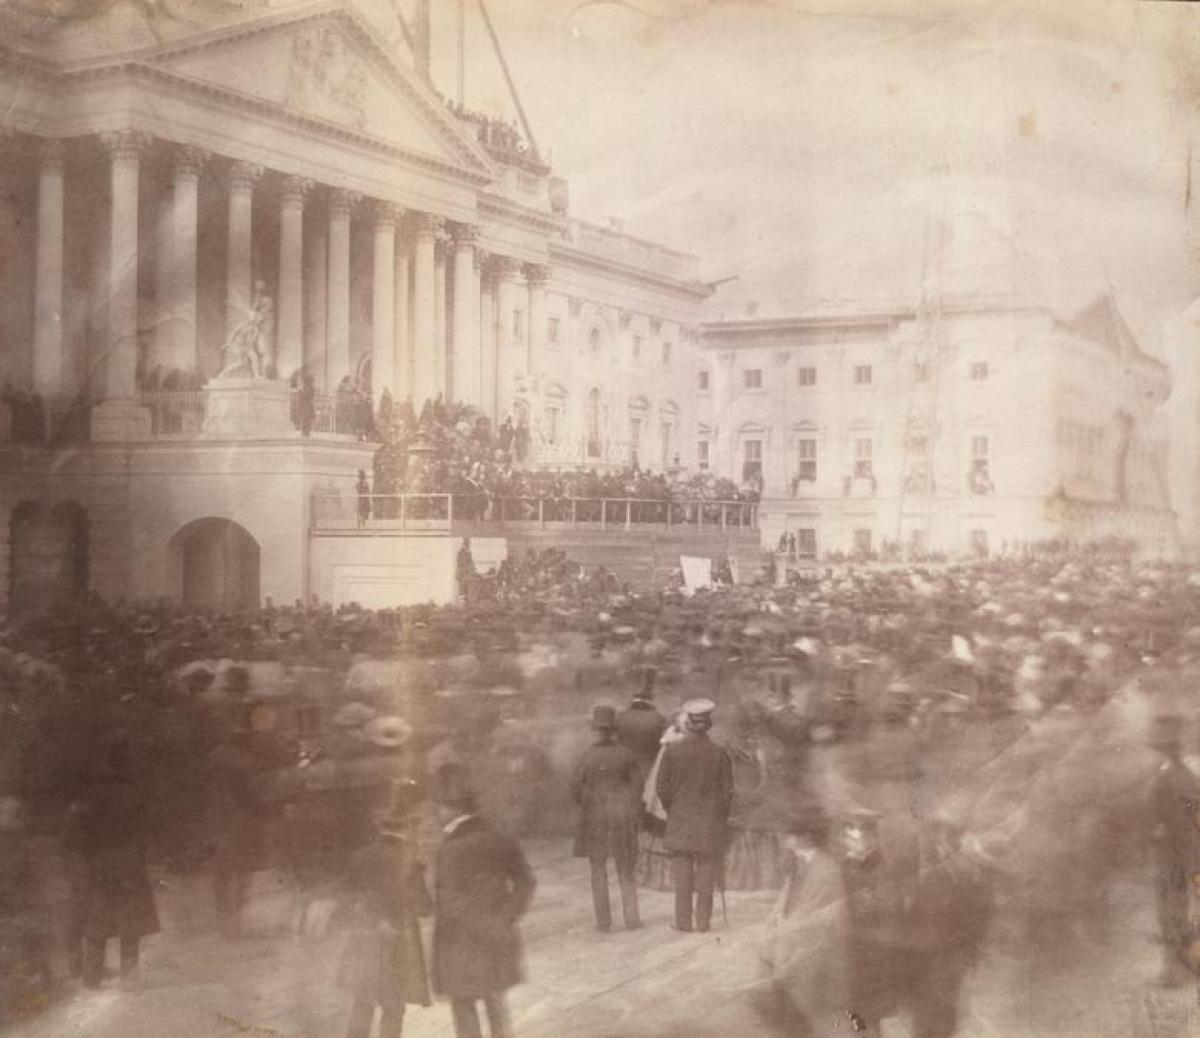 Nhìn lại những hình ảnh ấn tượng trong lễ nhậm chức của các Tổng thống Mỹ - Ảnh 1.